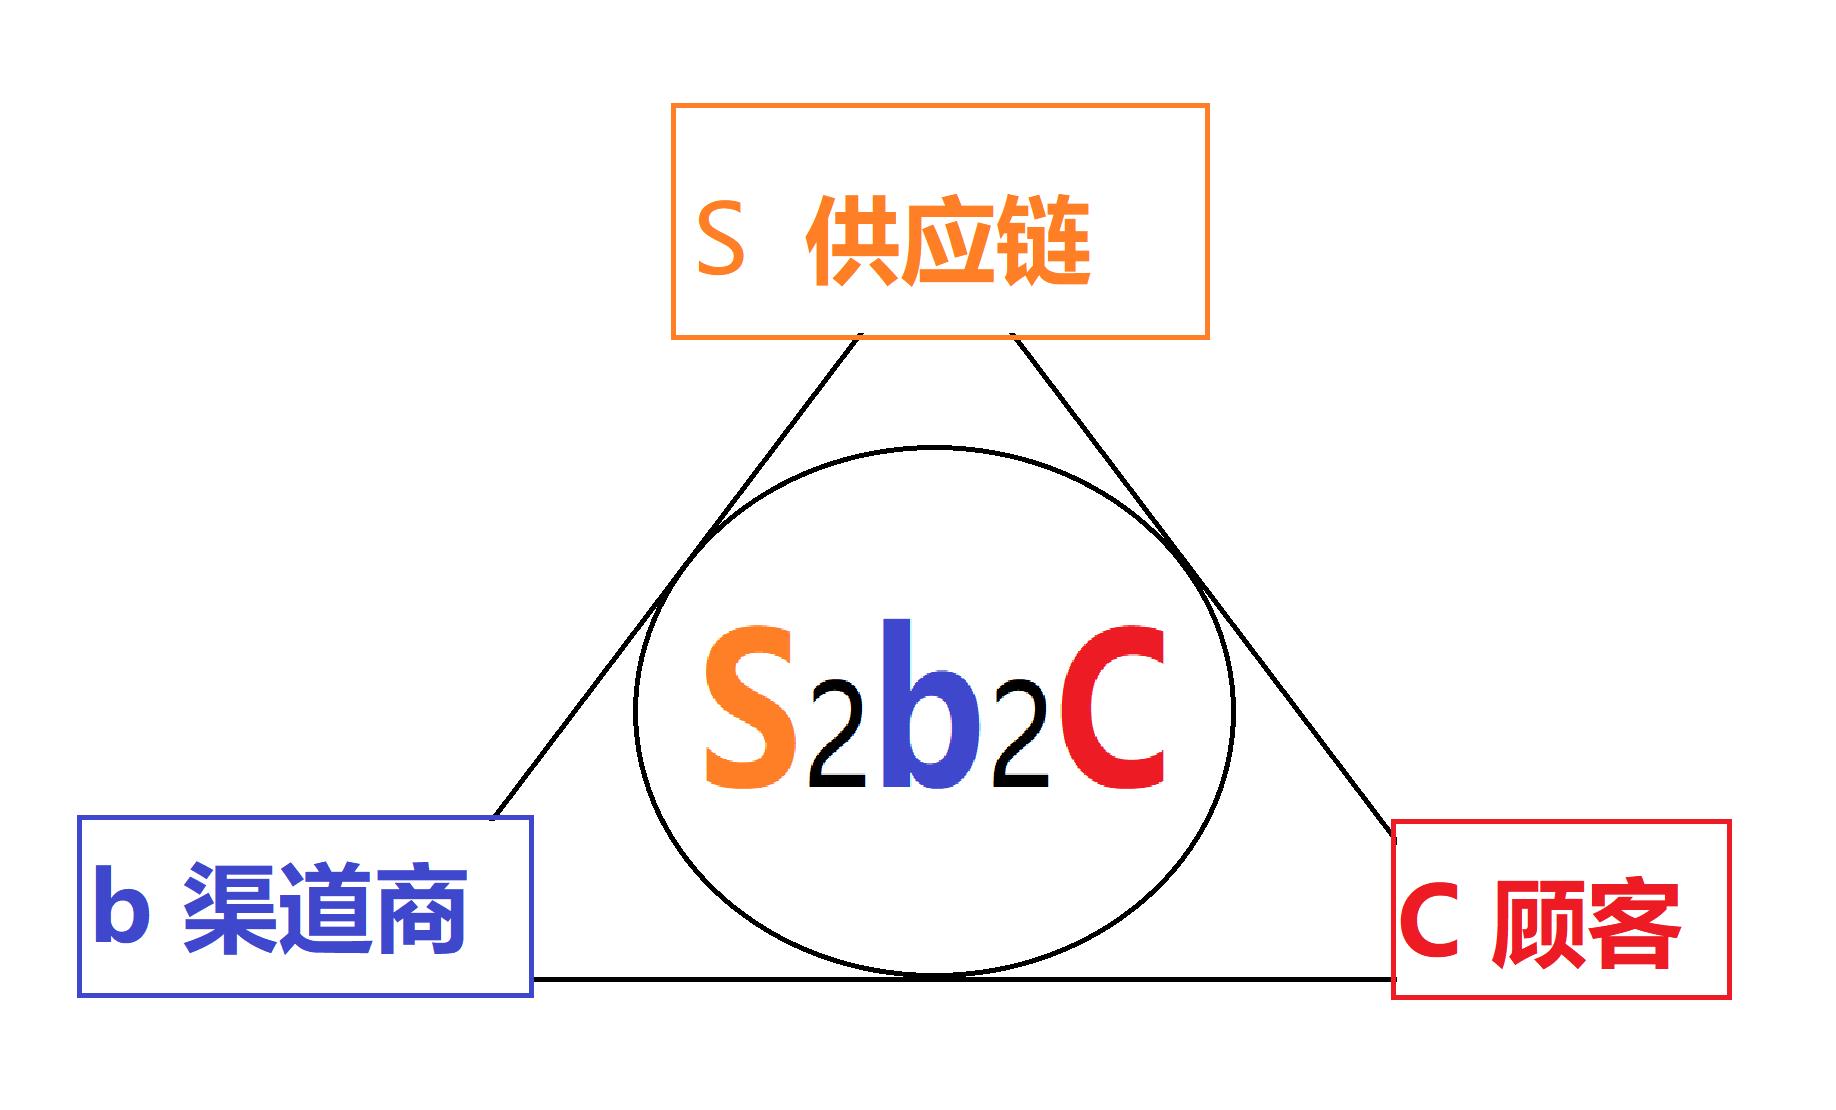 云集、环球捕手、爱库存,谁才是真正的S2b2C信徒?